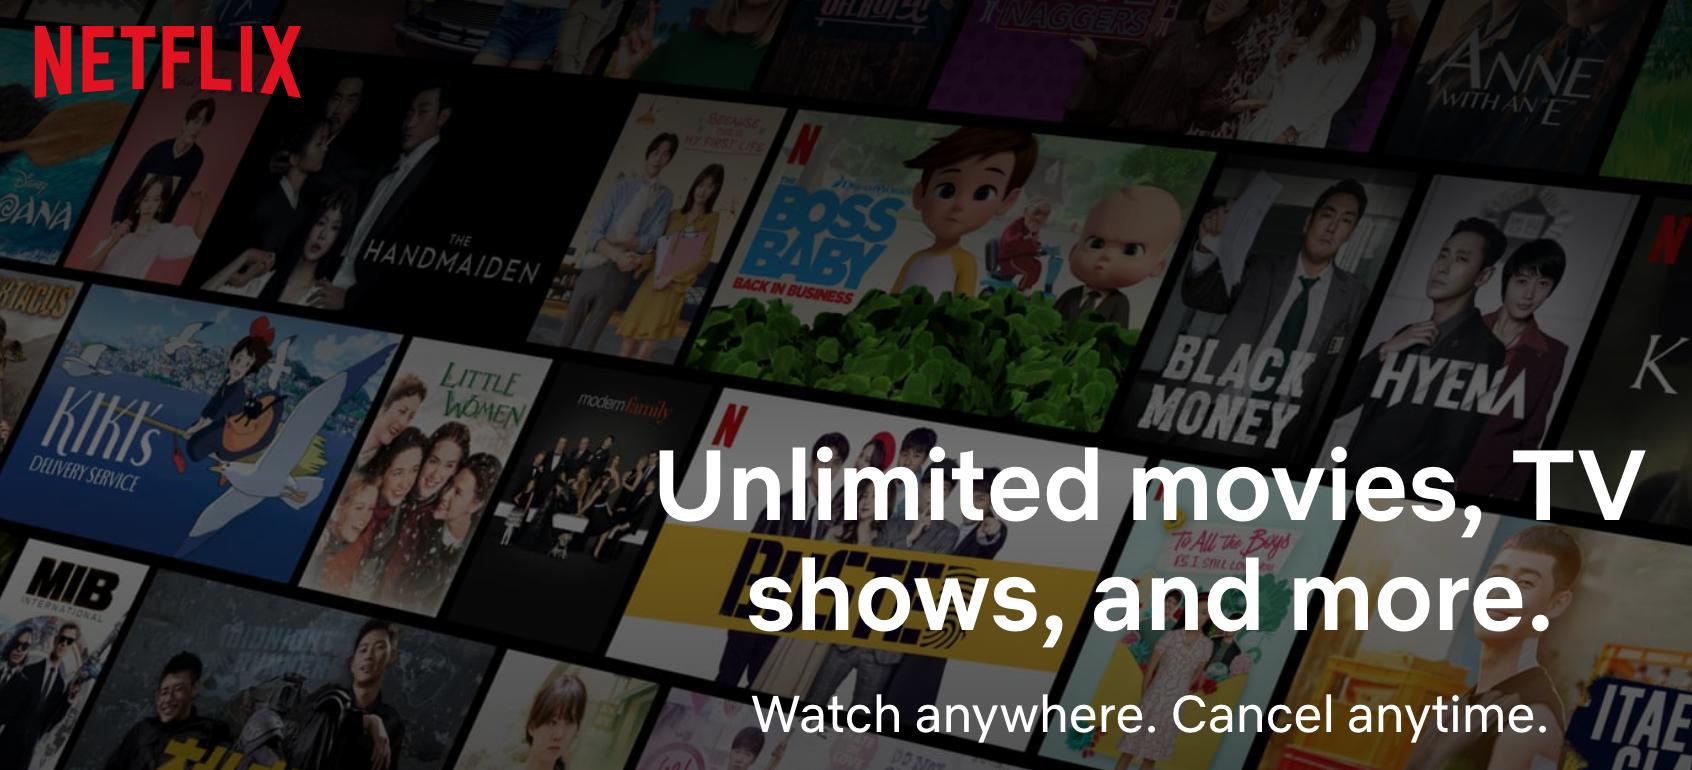 专用港台流媒体节点可看Netflix(网飞/奈飞)